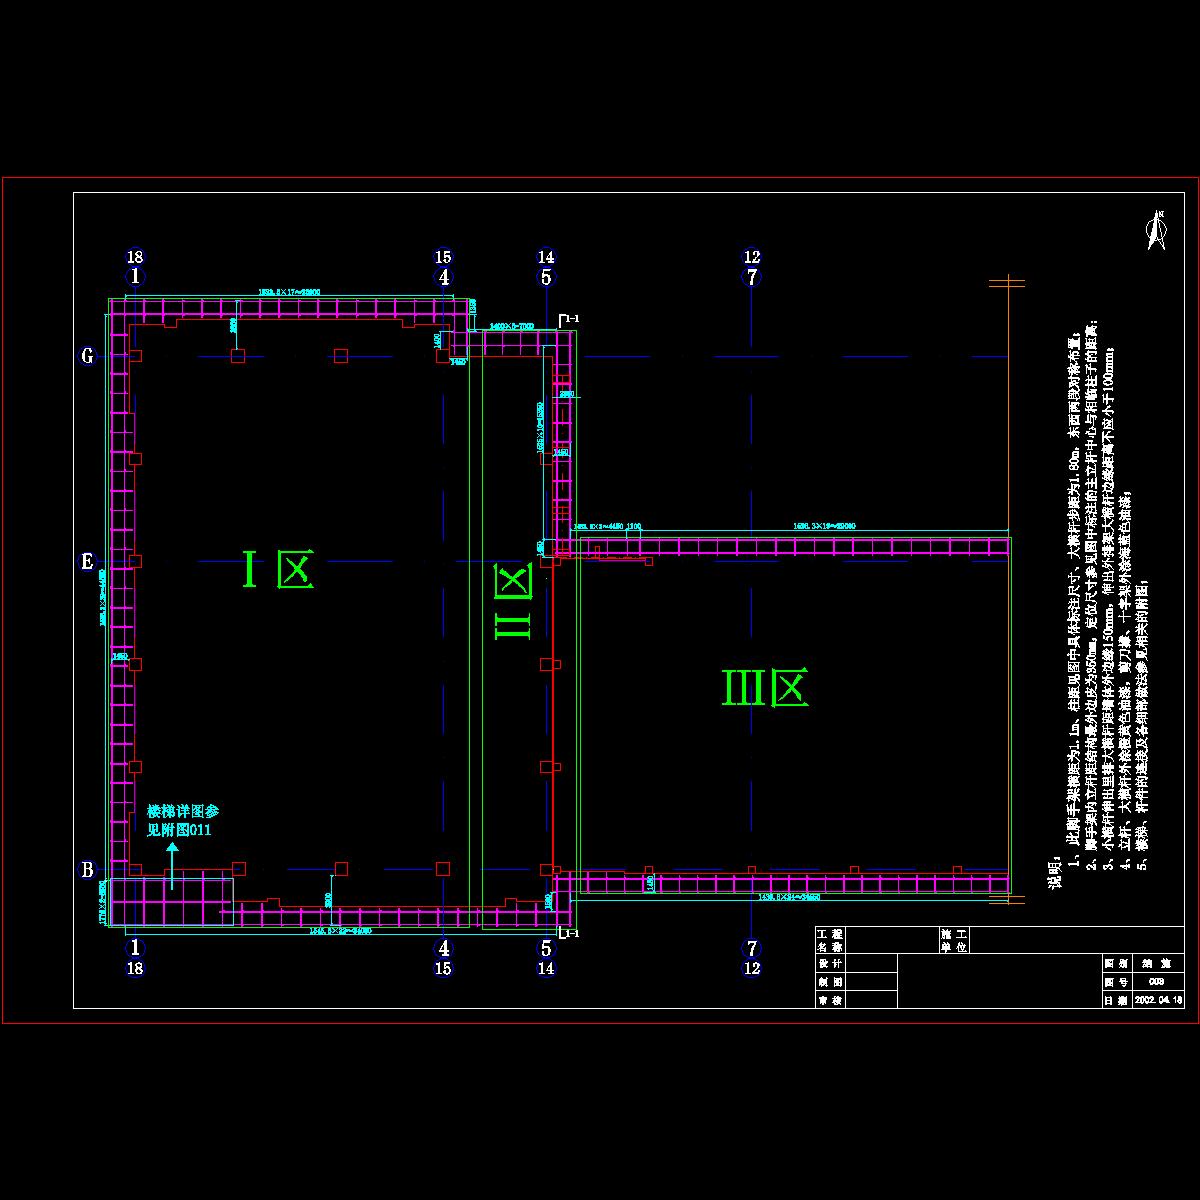 附图003----4层脚手架平面布置图.dwg